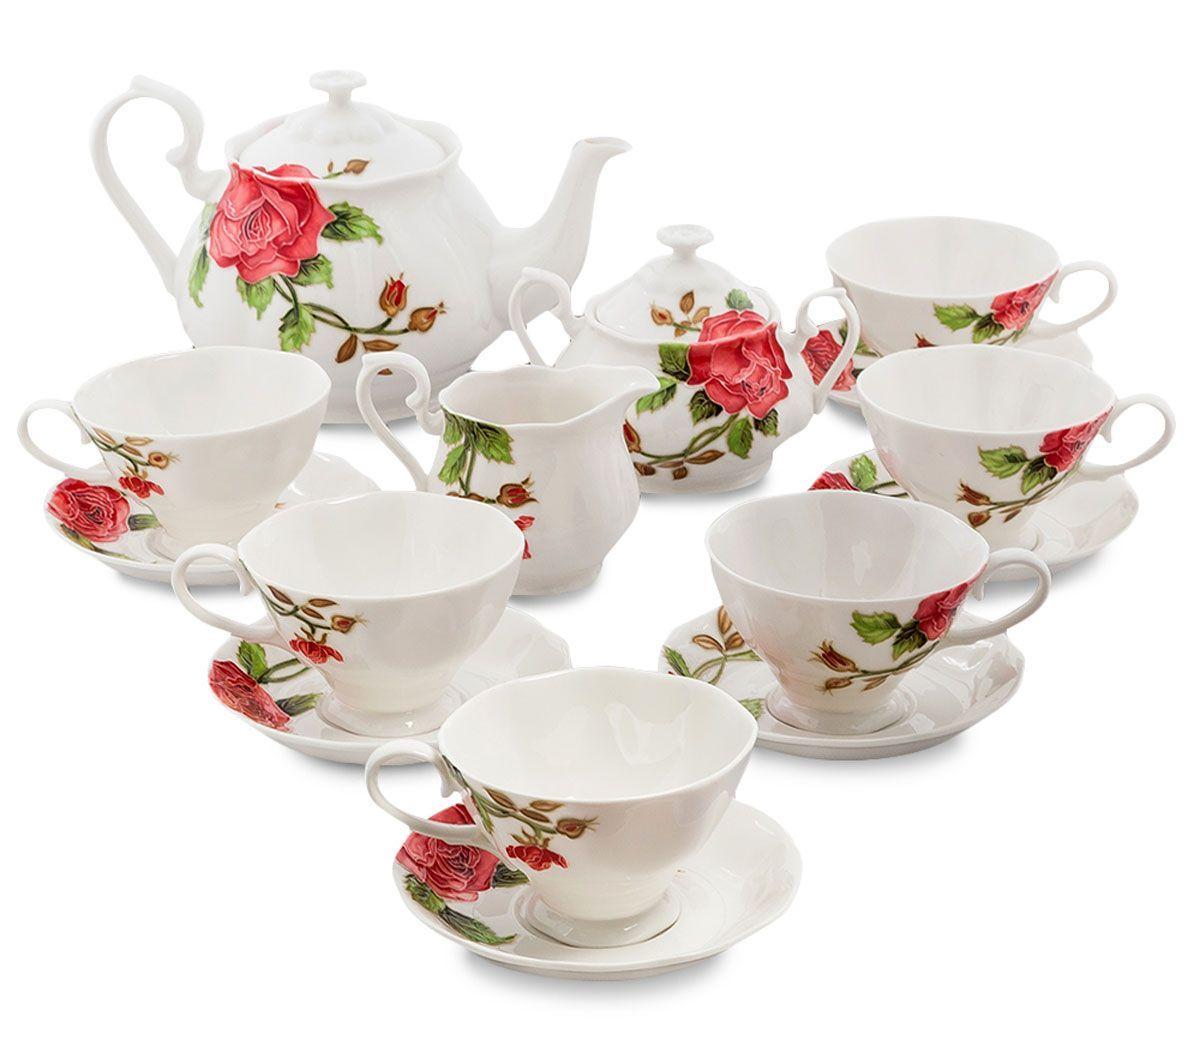 Сервиз чайный Pavone Рафаэлло. Роза, 15 предметов. 451578451578Объем чайника: 1,25 лОбъем сахарницы: 400 мл Объем молочника: 250 мл Объем чашки: 200 млДиаметр блюдца: 14 см.